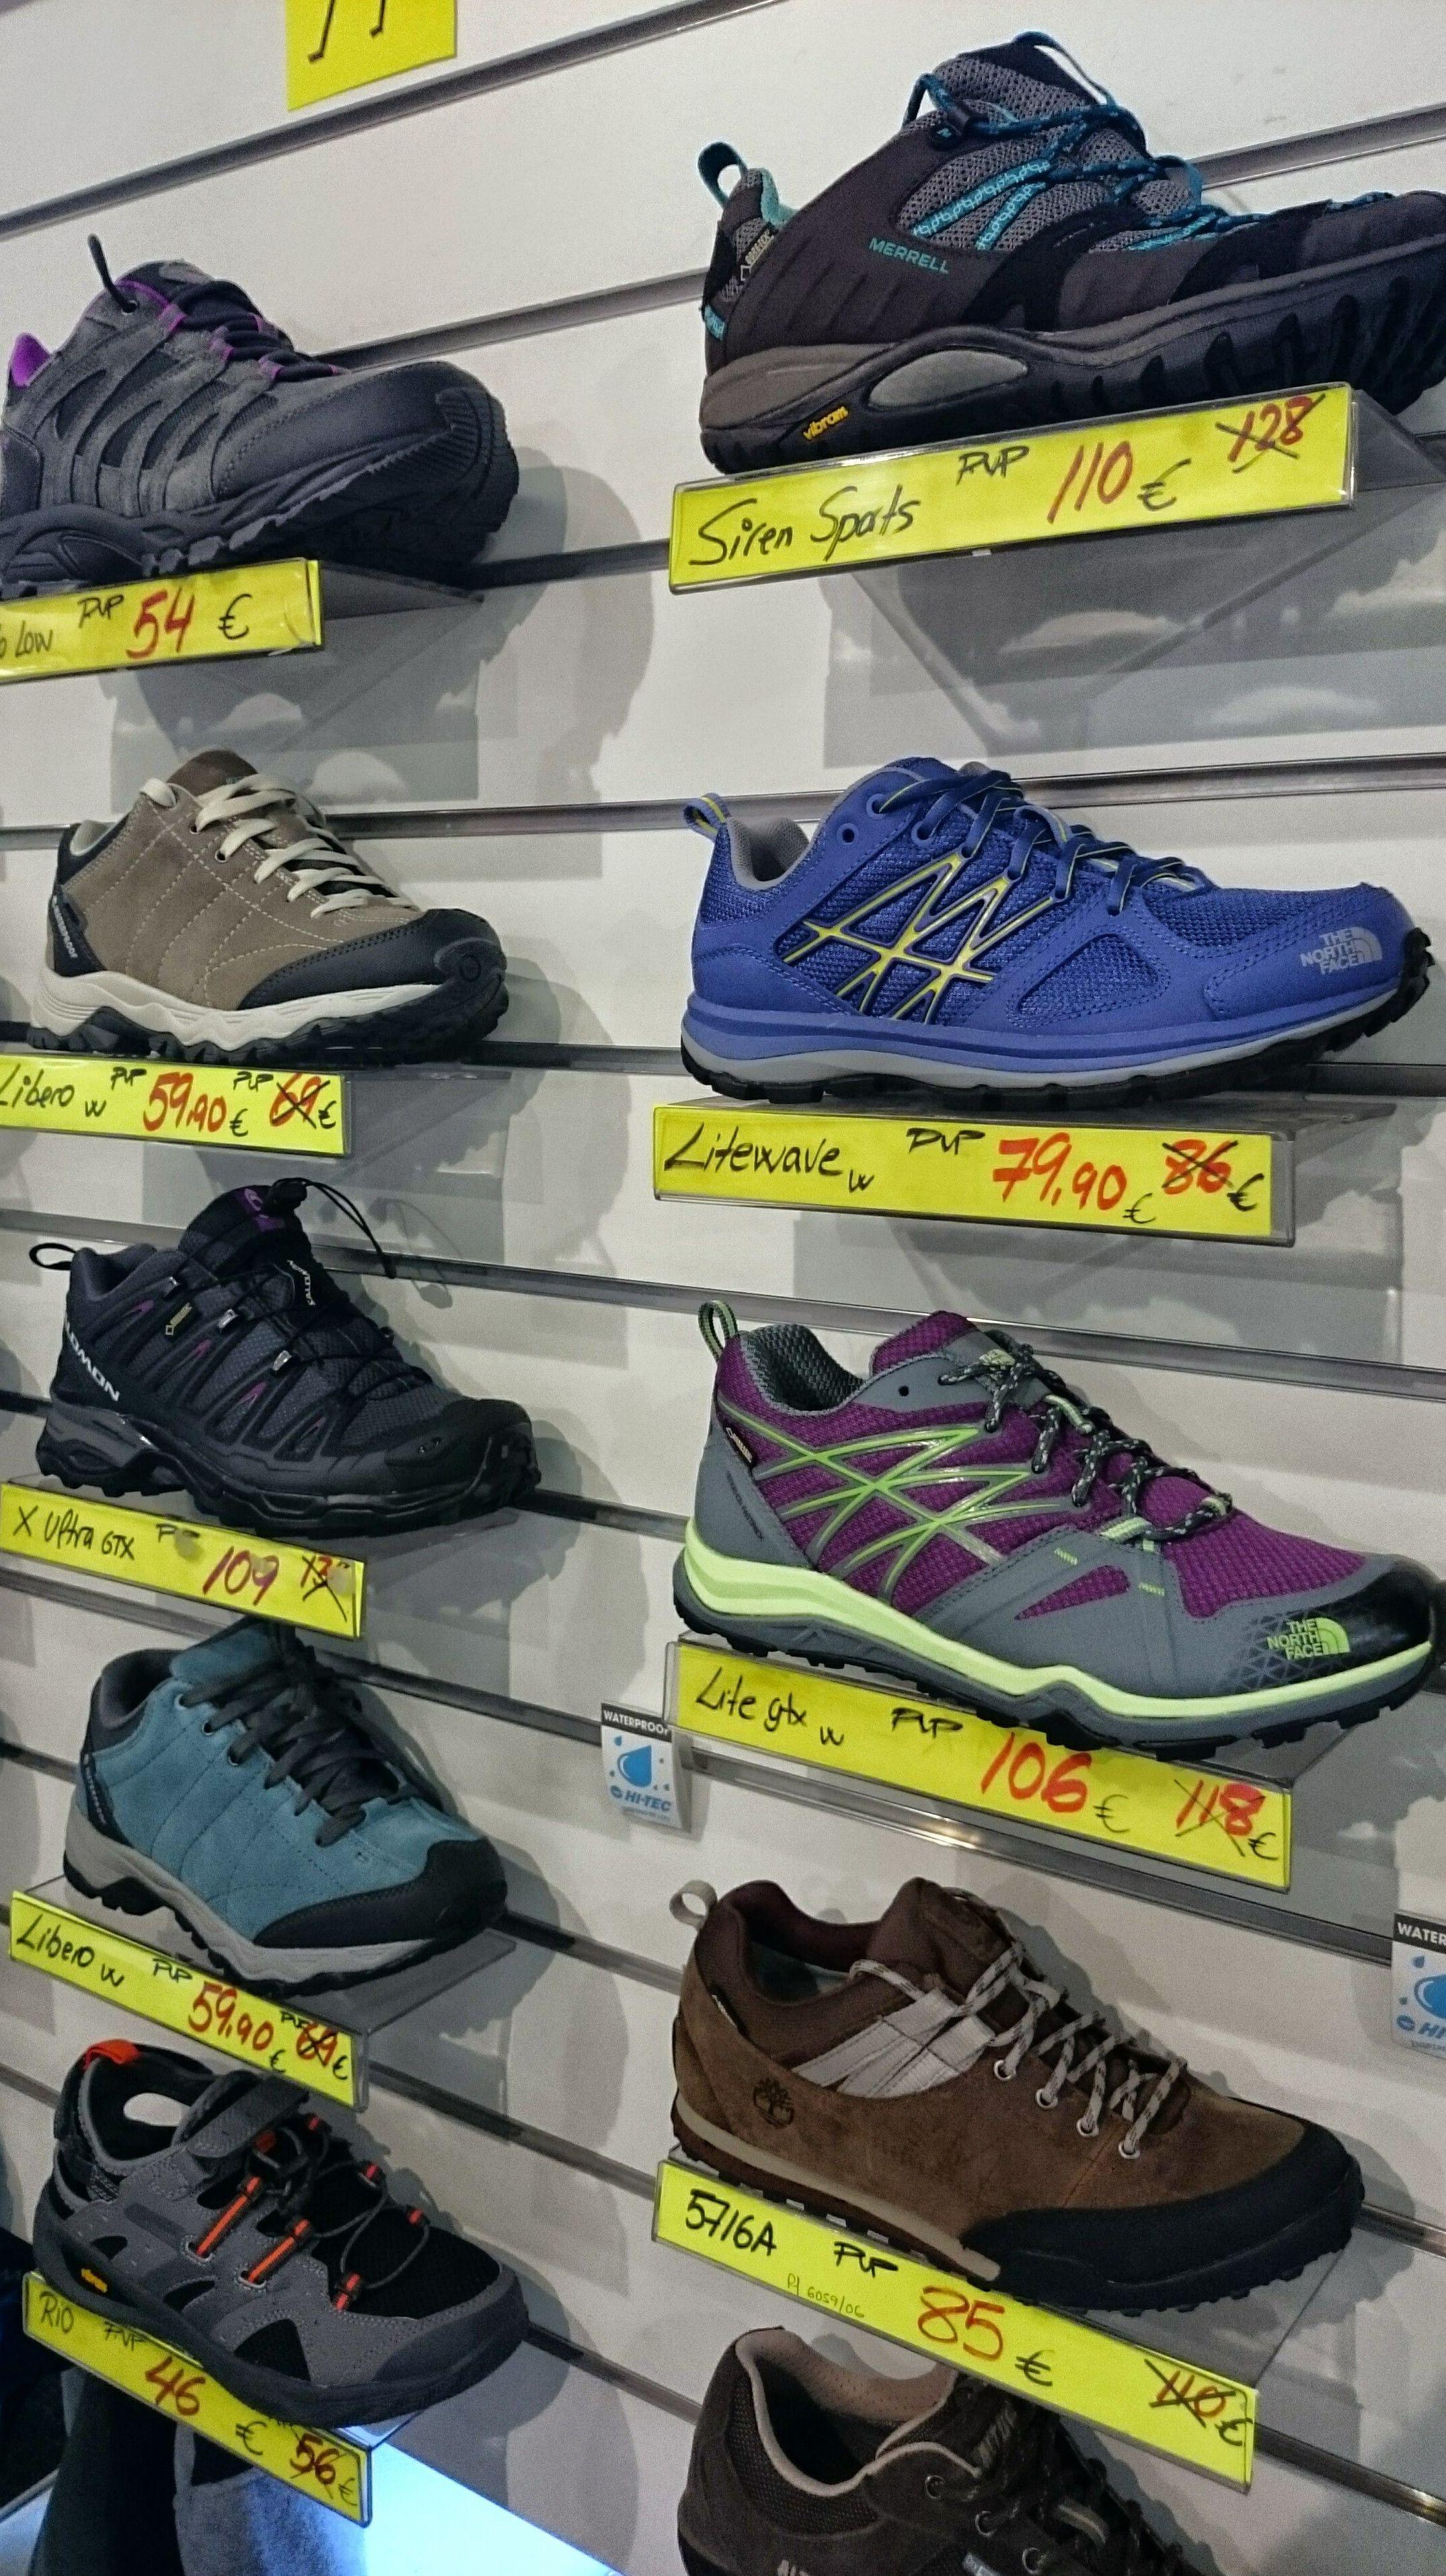 calzado especializado en montaña.y senderismo.